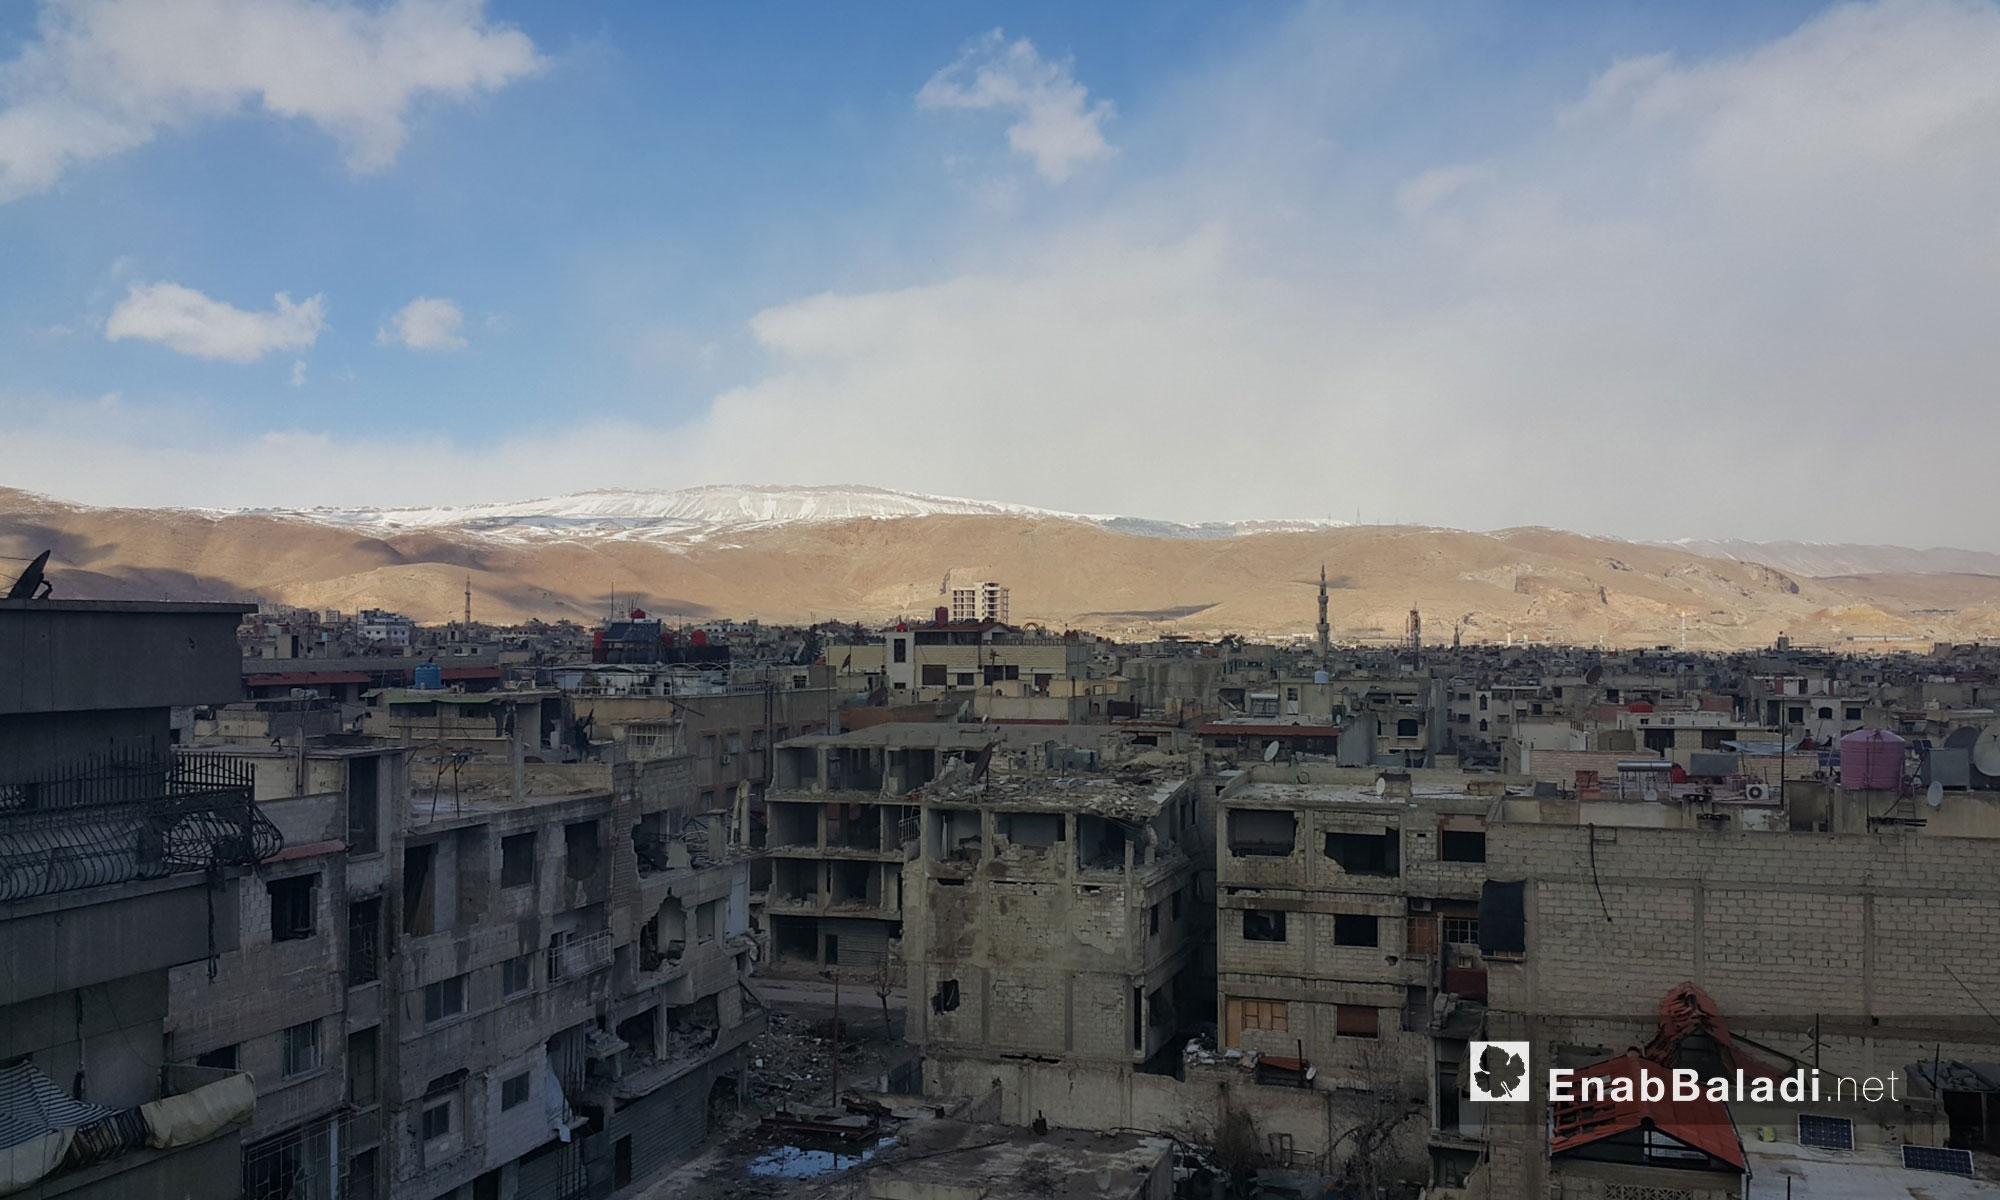 قمم الجبال المحيطة بالعاصمة دمشق تكسوها الثلوج - 28 كانون الثاني 2017 (عنب بلدي)